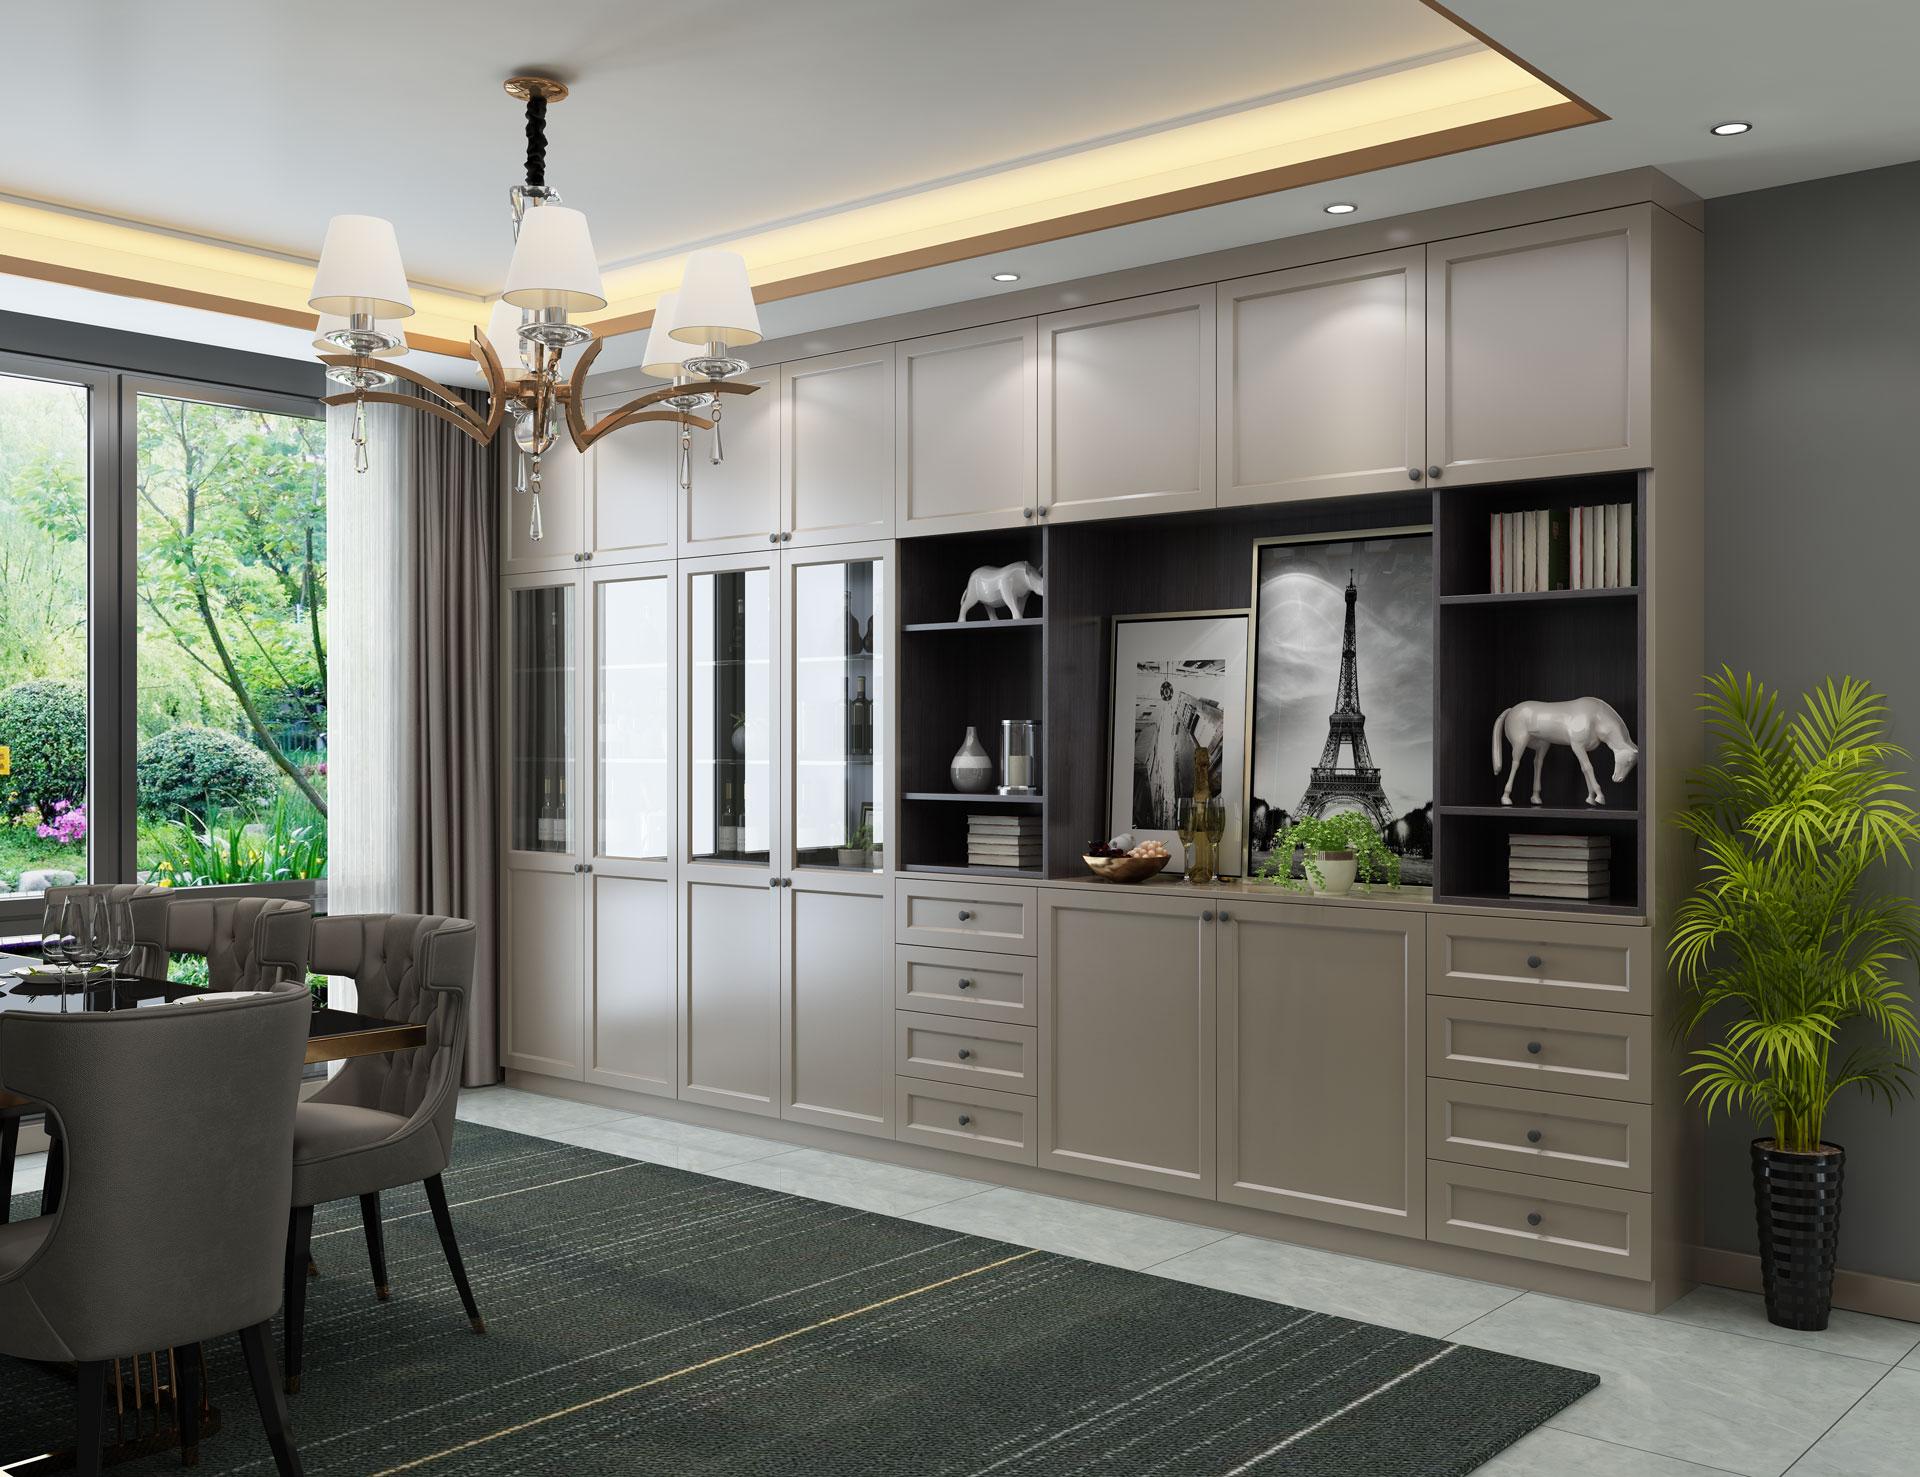 火了几个世纪的板式家具,为什么会被全铝家具替代呢?